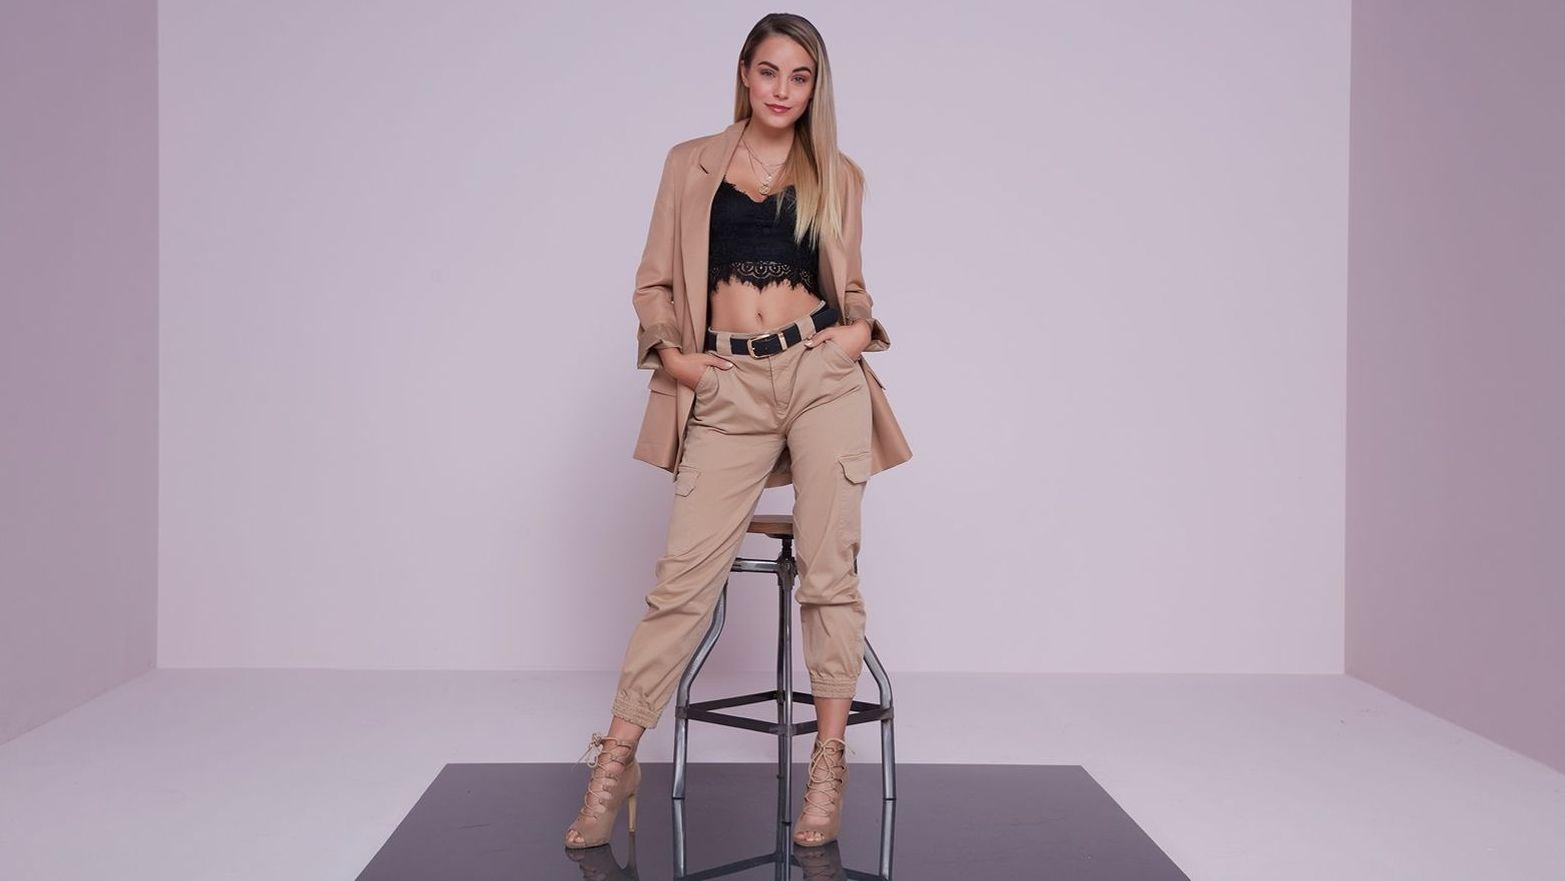 Miss Bayern 2020